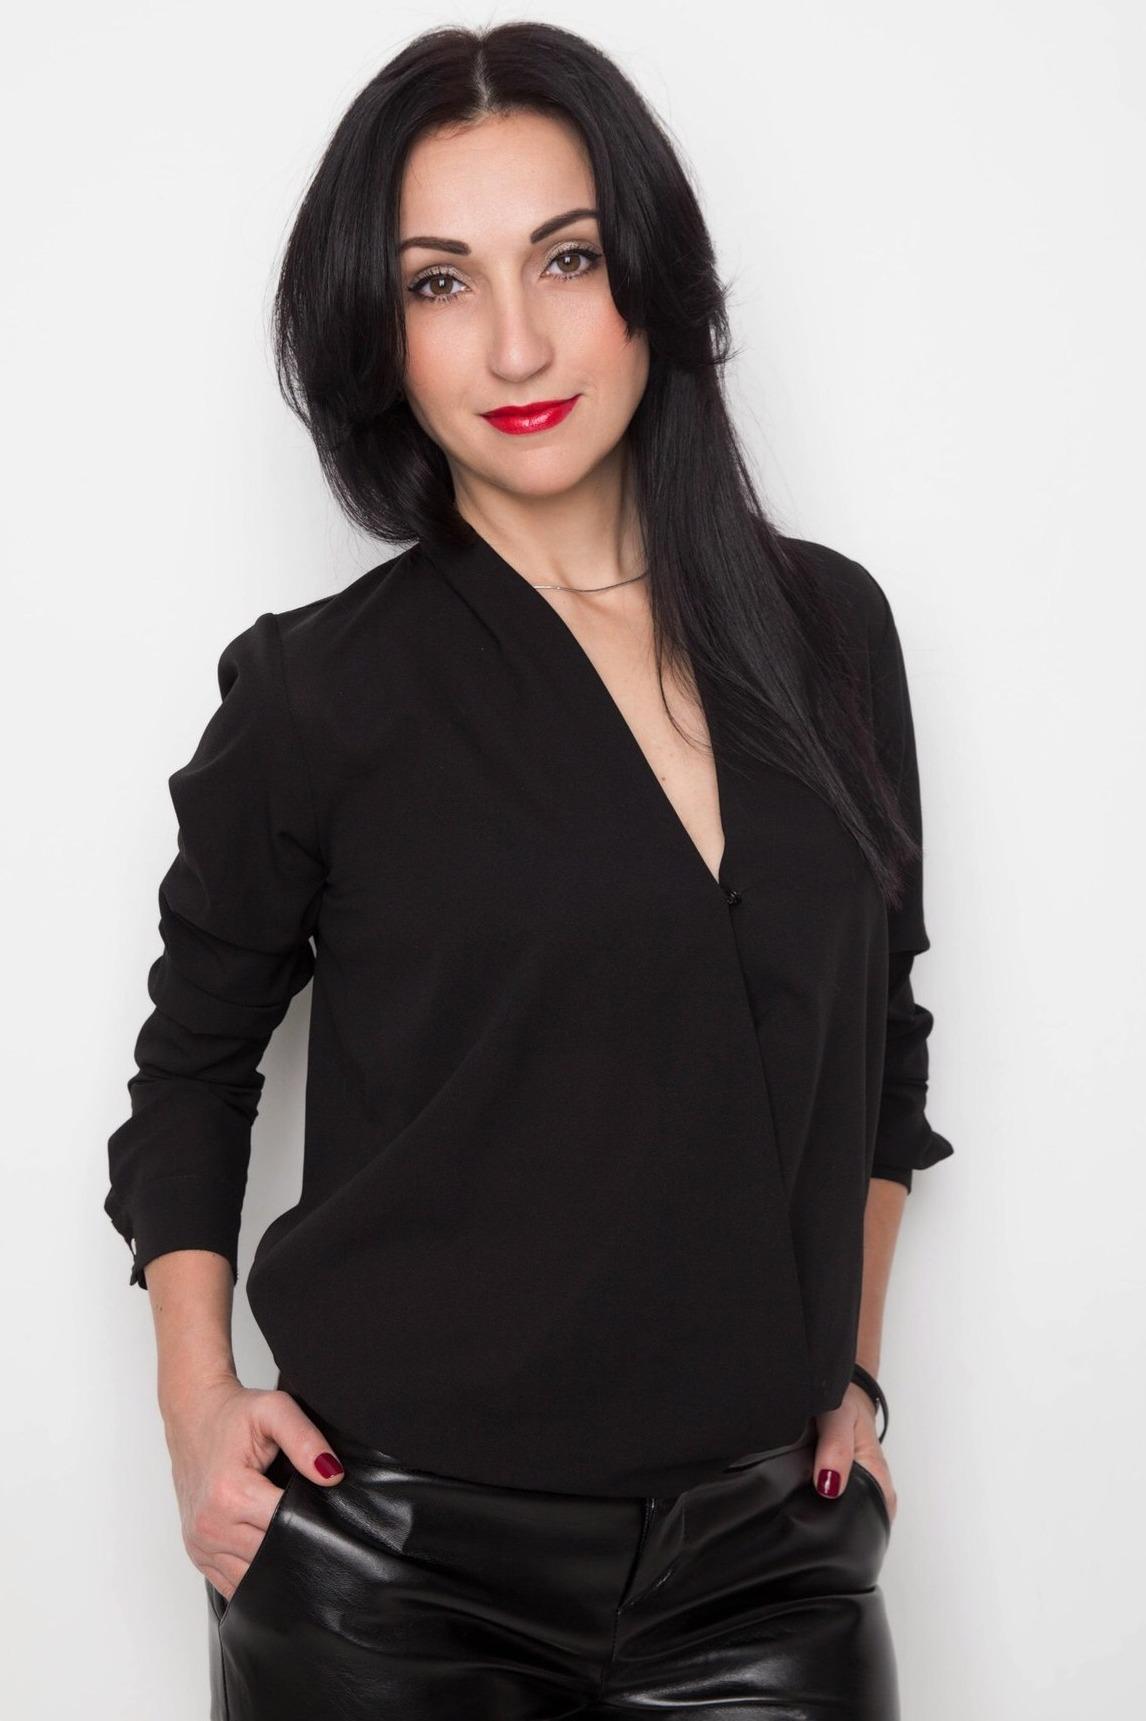 Agence matrimoniale rencontre de Elena  femme célibataire de 43 ans, Cannet.